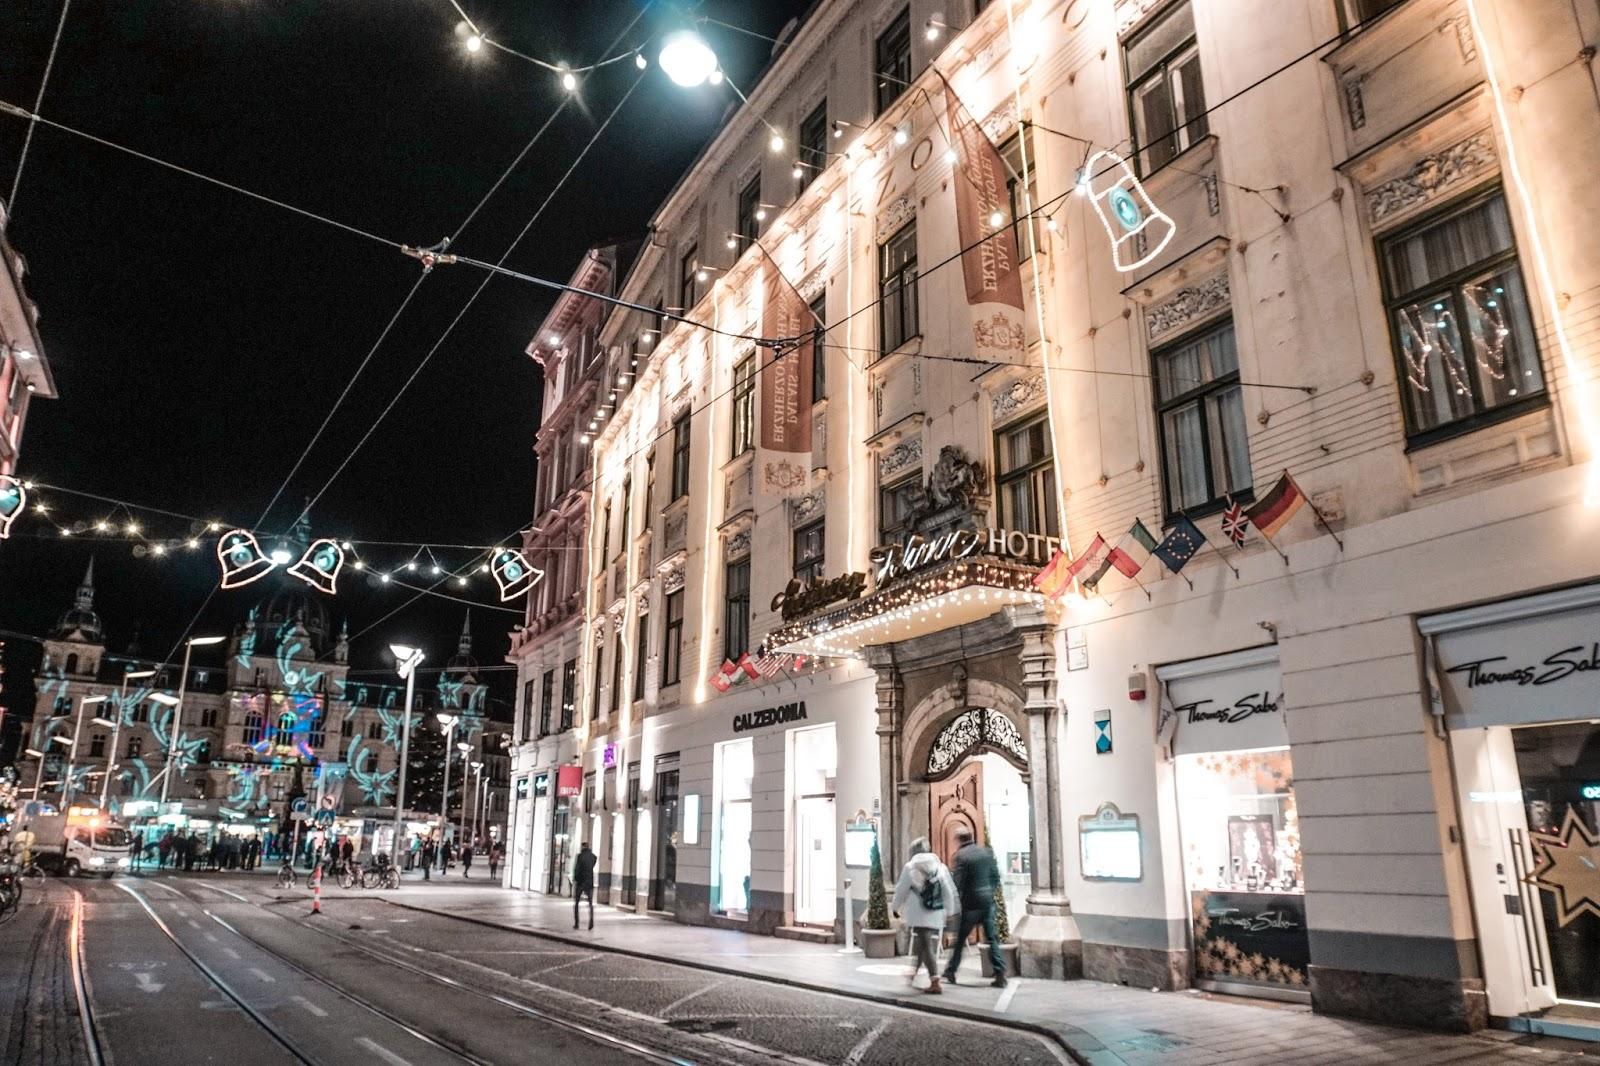 jarmak bożonarodzeniowy, market świąteczny, weihnachtsmarkt, graz, Austria, blog lifestylowy, blog podróżniczy, thedailywonders, polka w Austrii